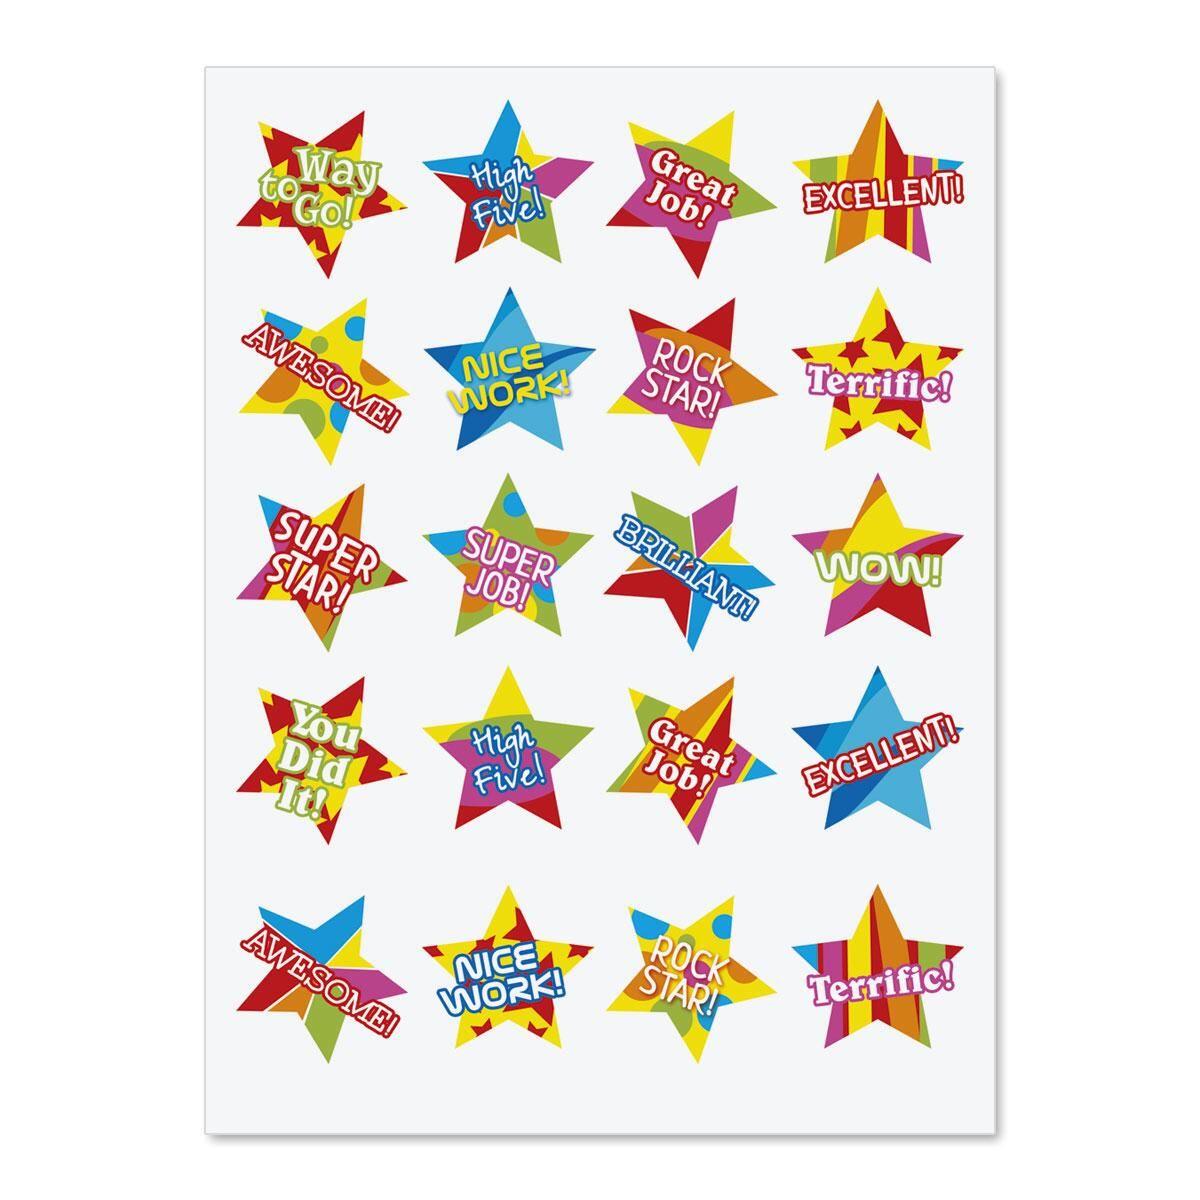 Encouragement Stars Stickers